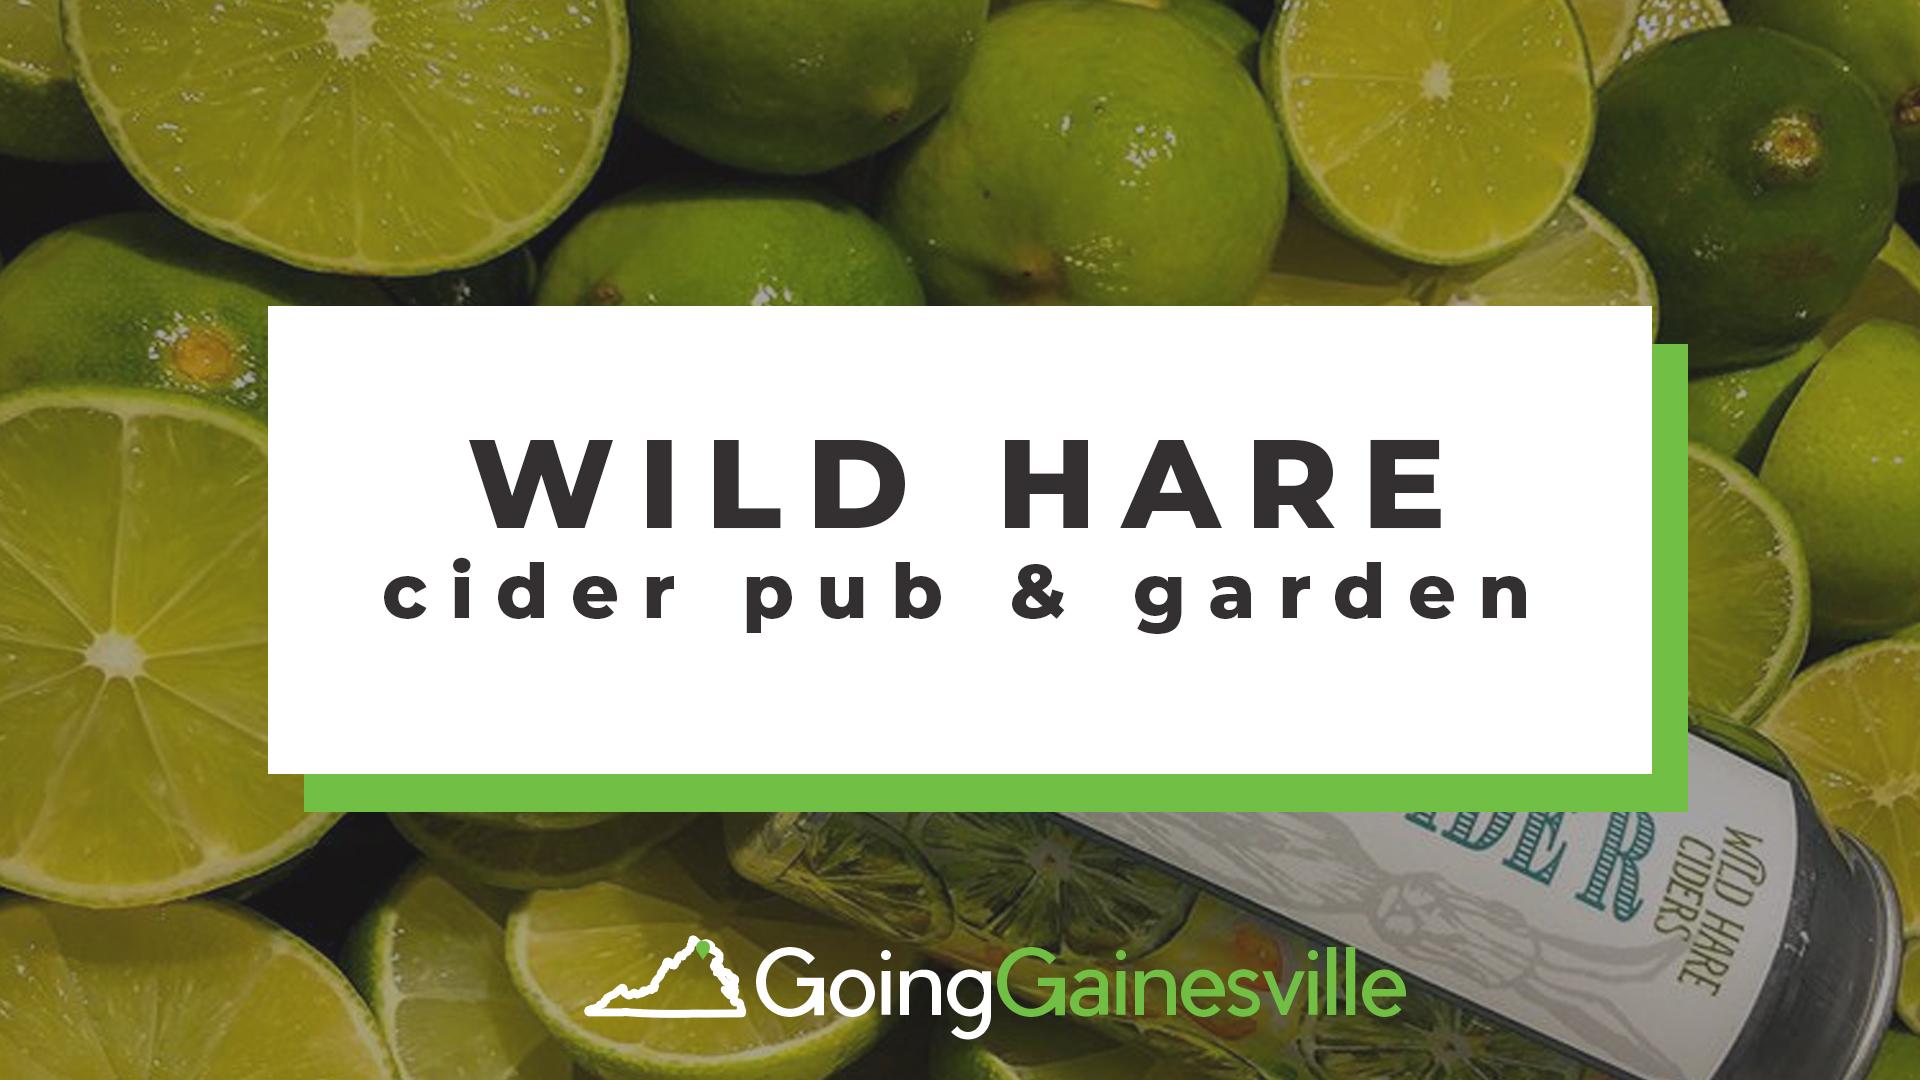 Wild Hare Cider Pub & Garden